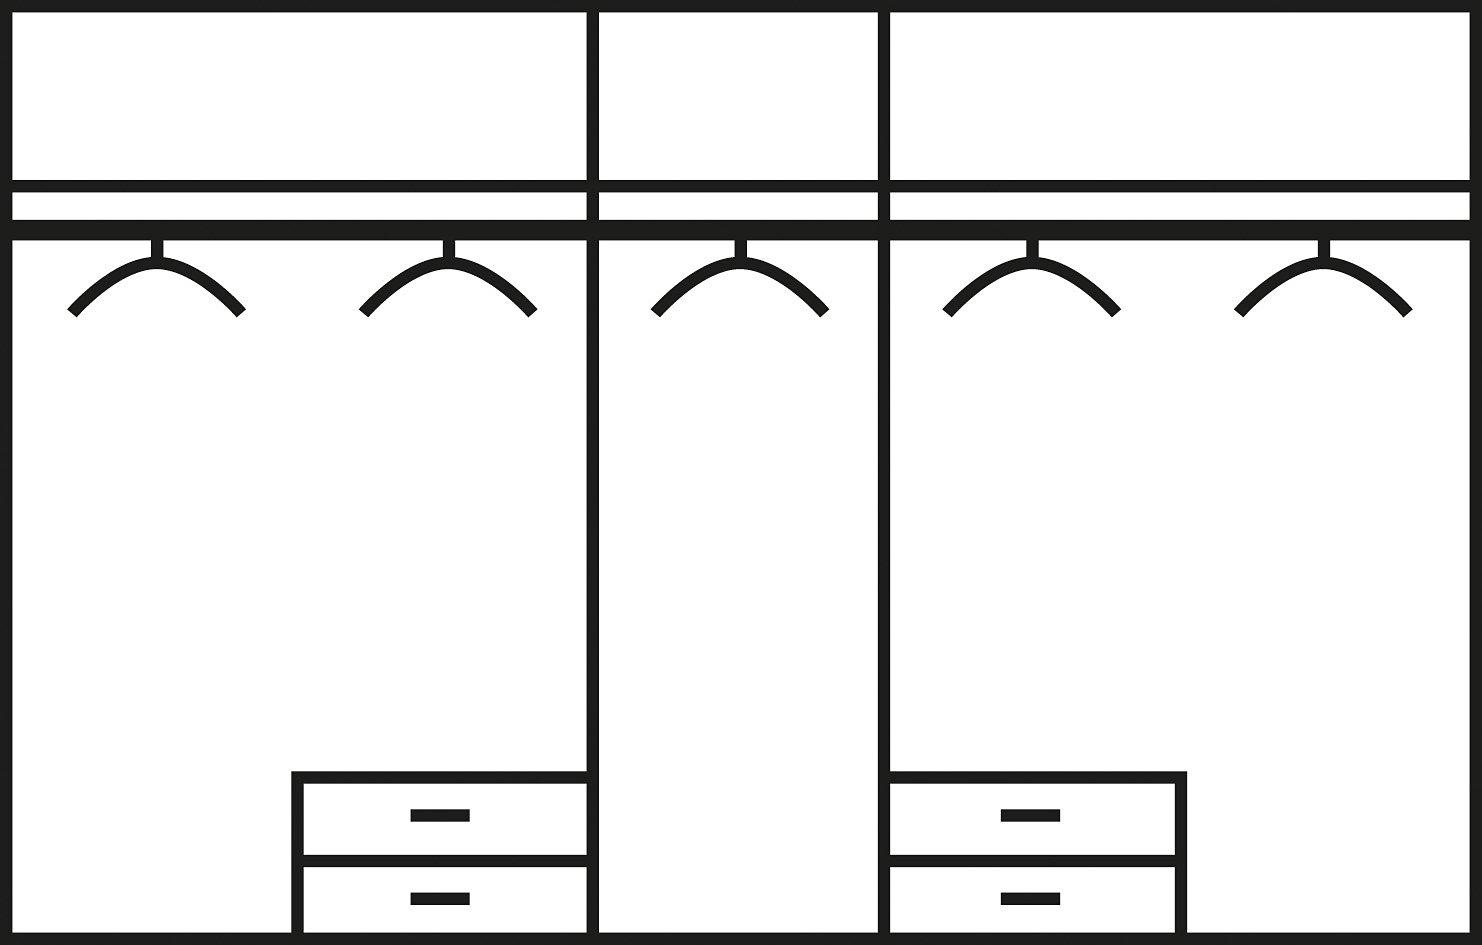 Slaapkamer 4-delige voordeelset bestellen bij   OTTO